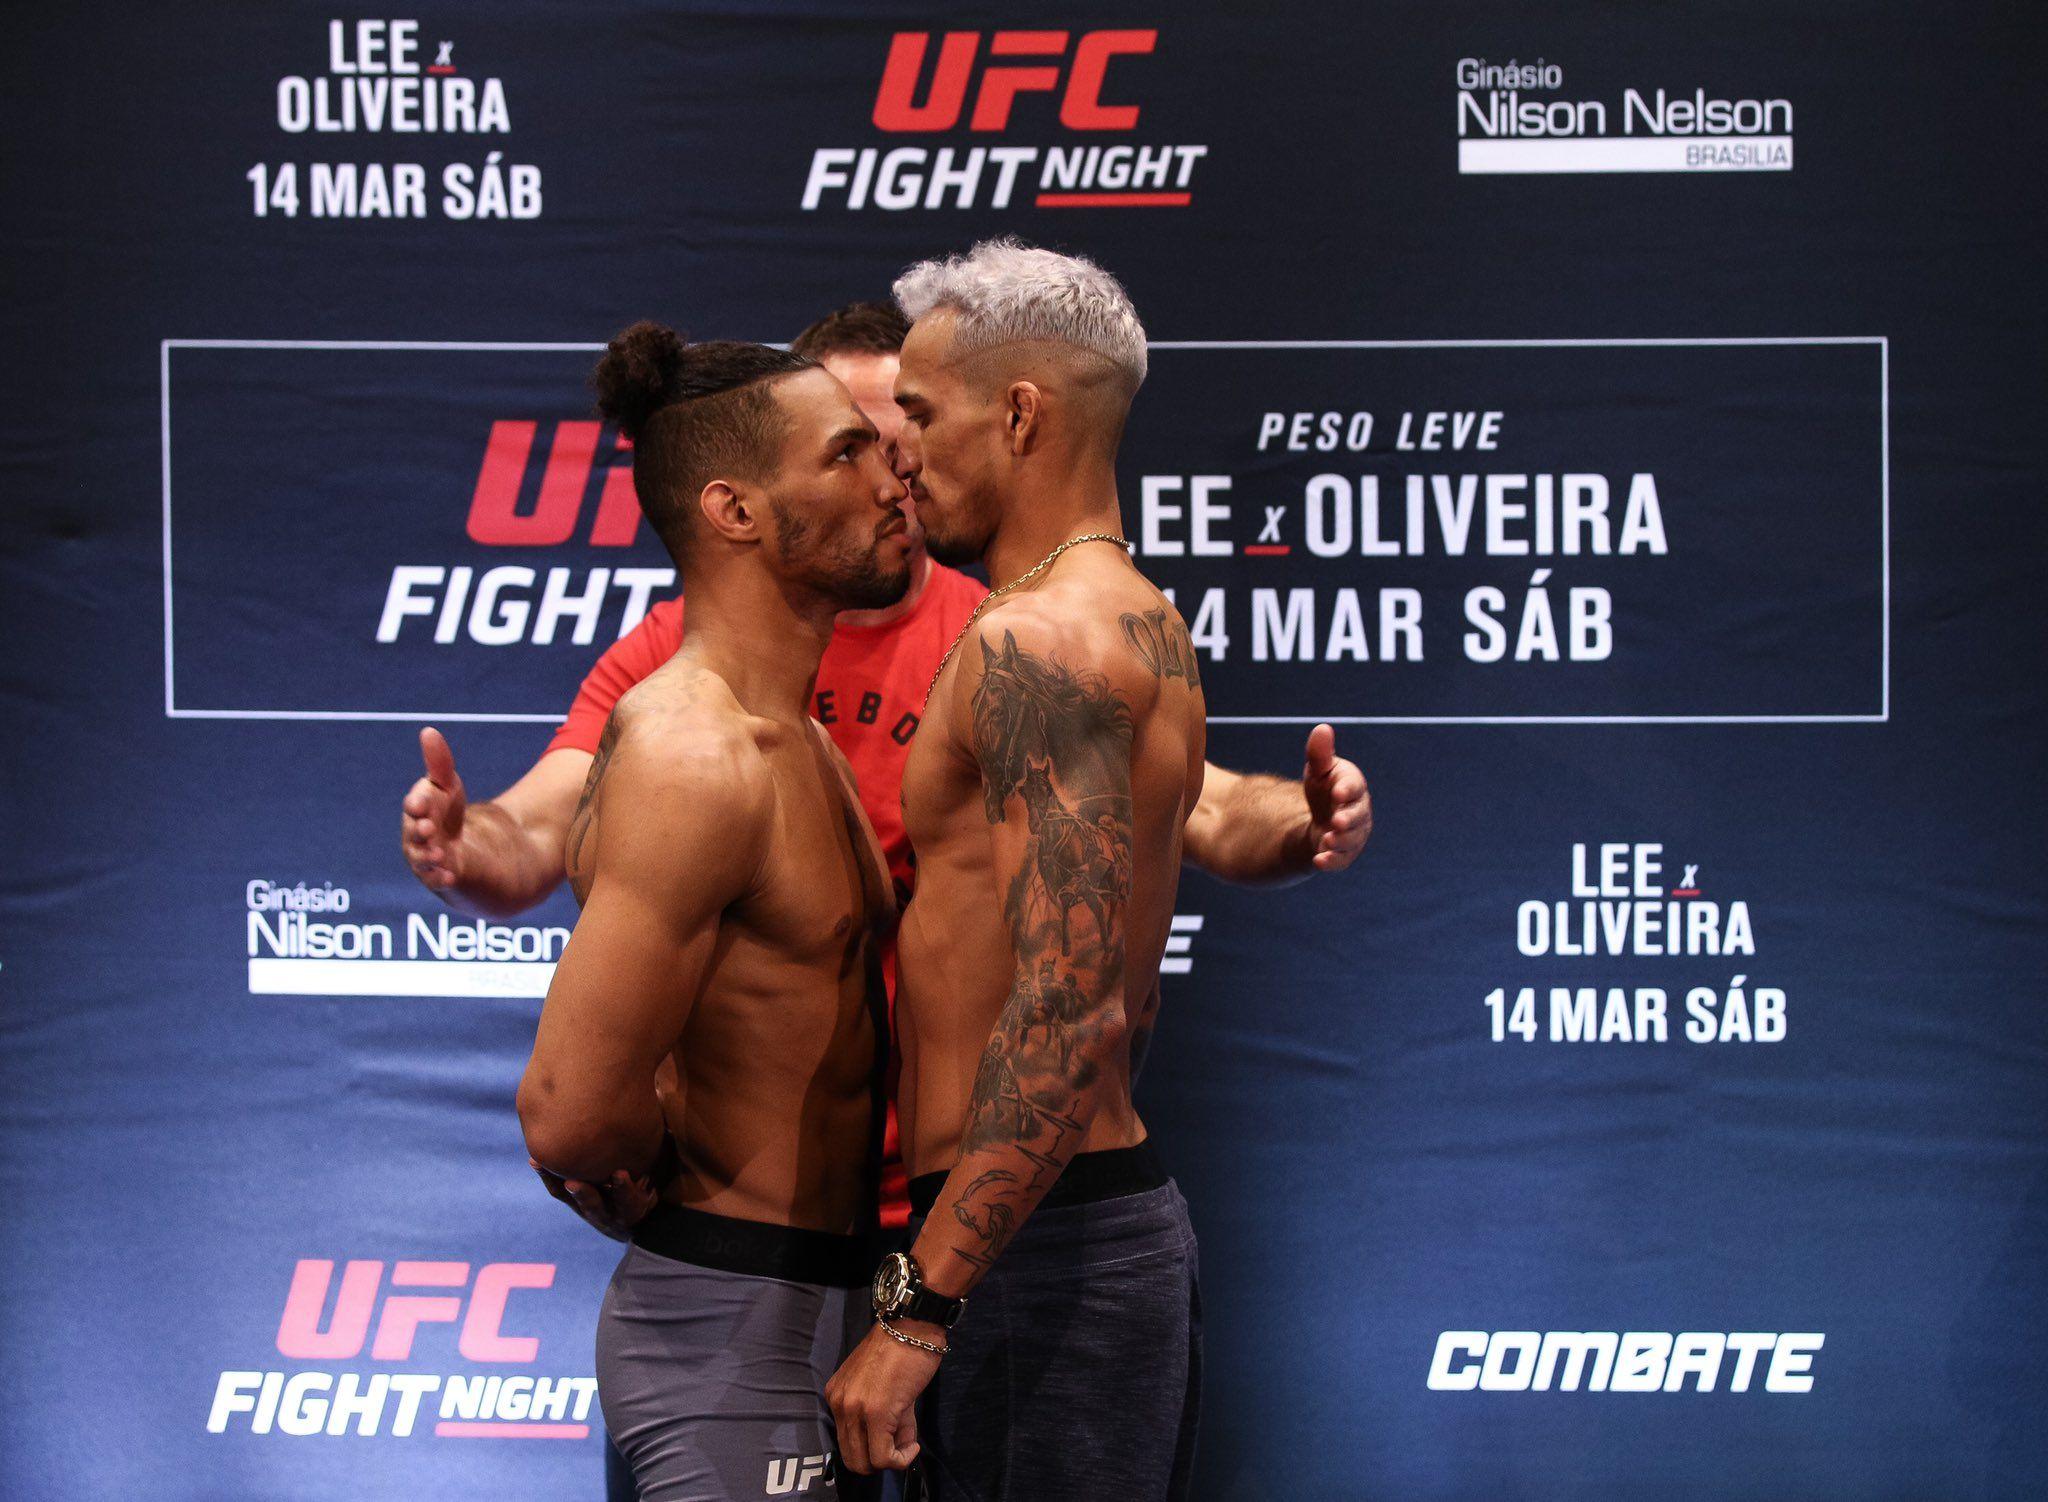 UFC Fight Night 170